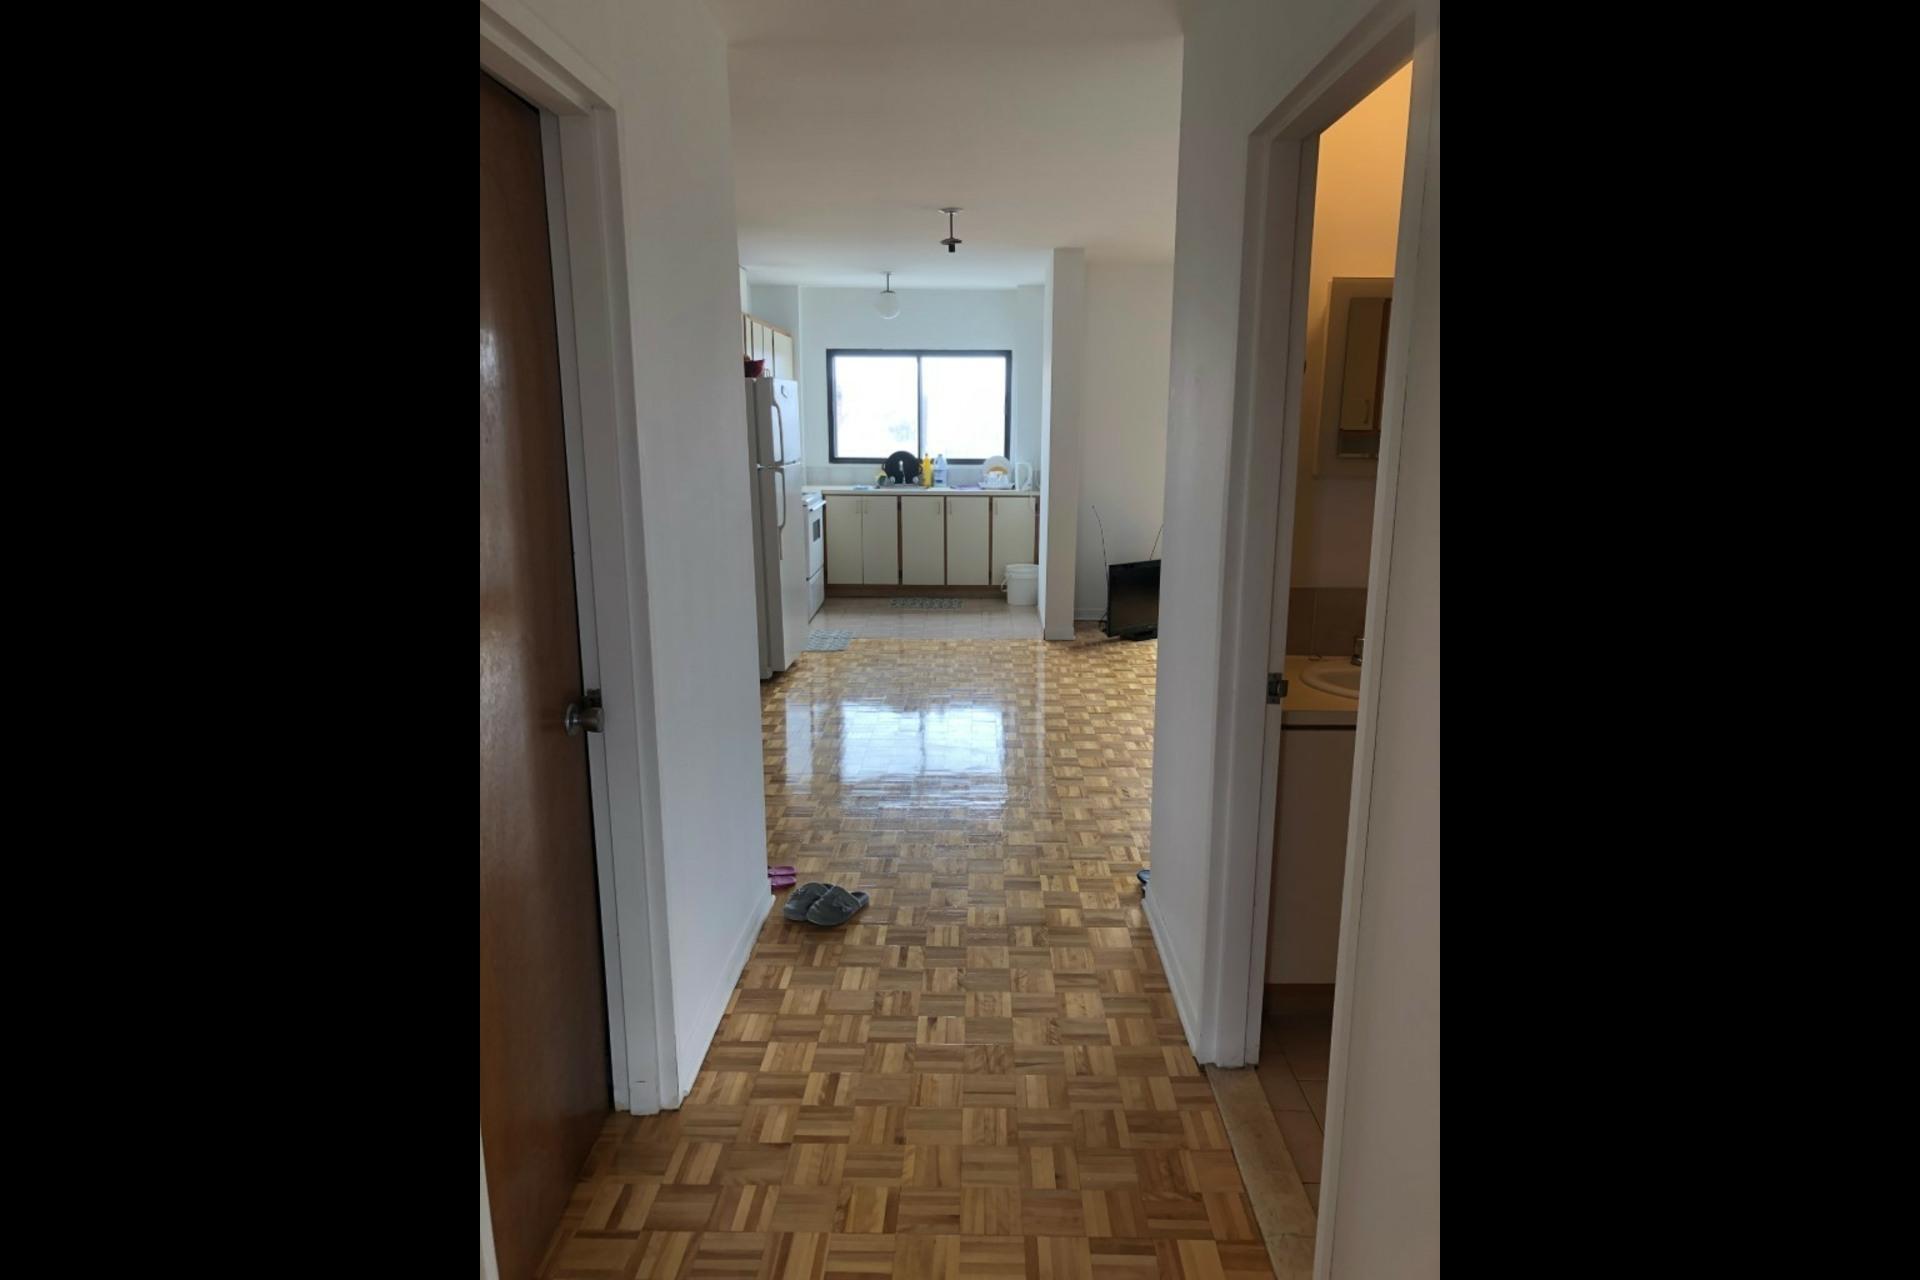 image 6 - Appartement À louer Montréal Montréal-Nord - 4 pièces